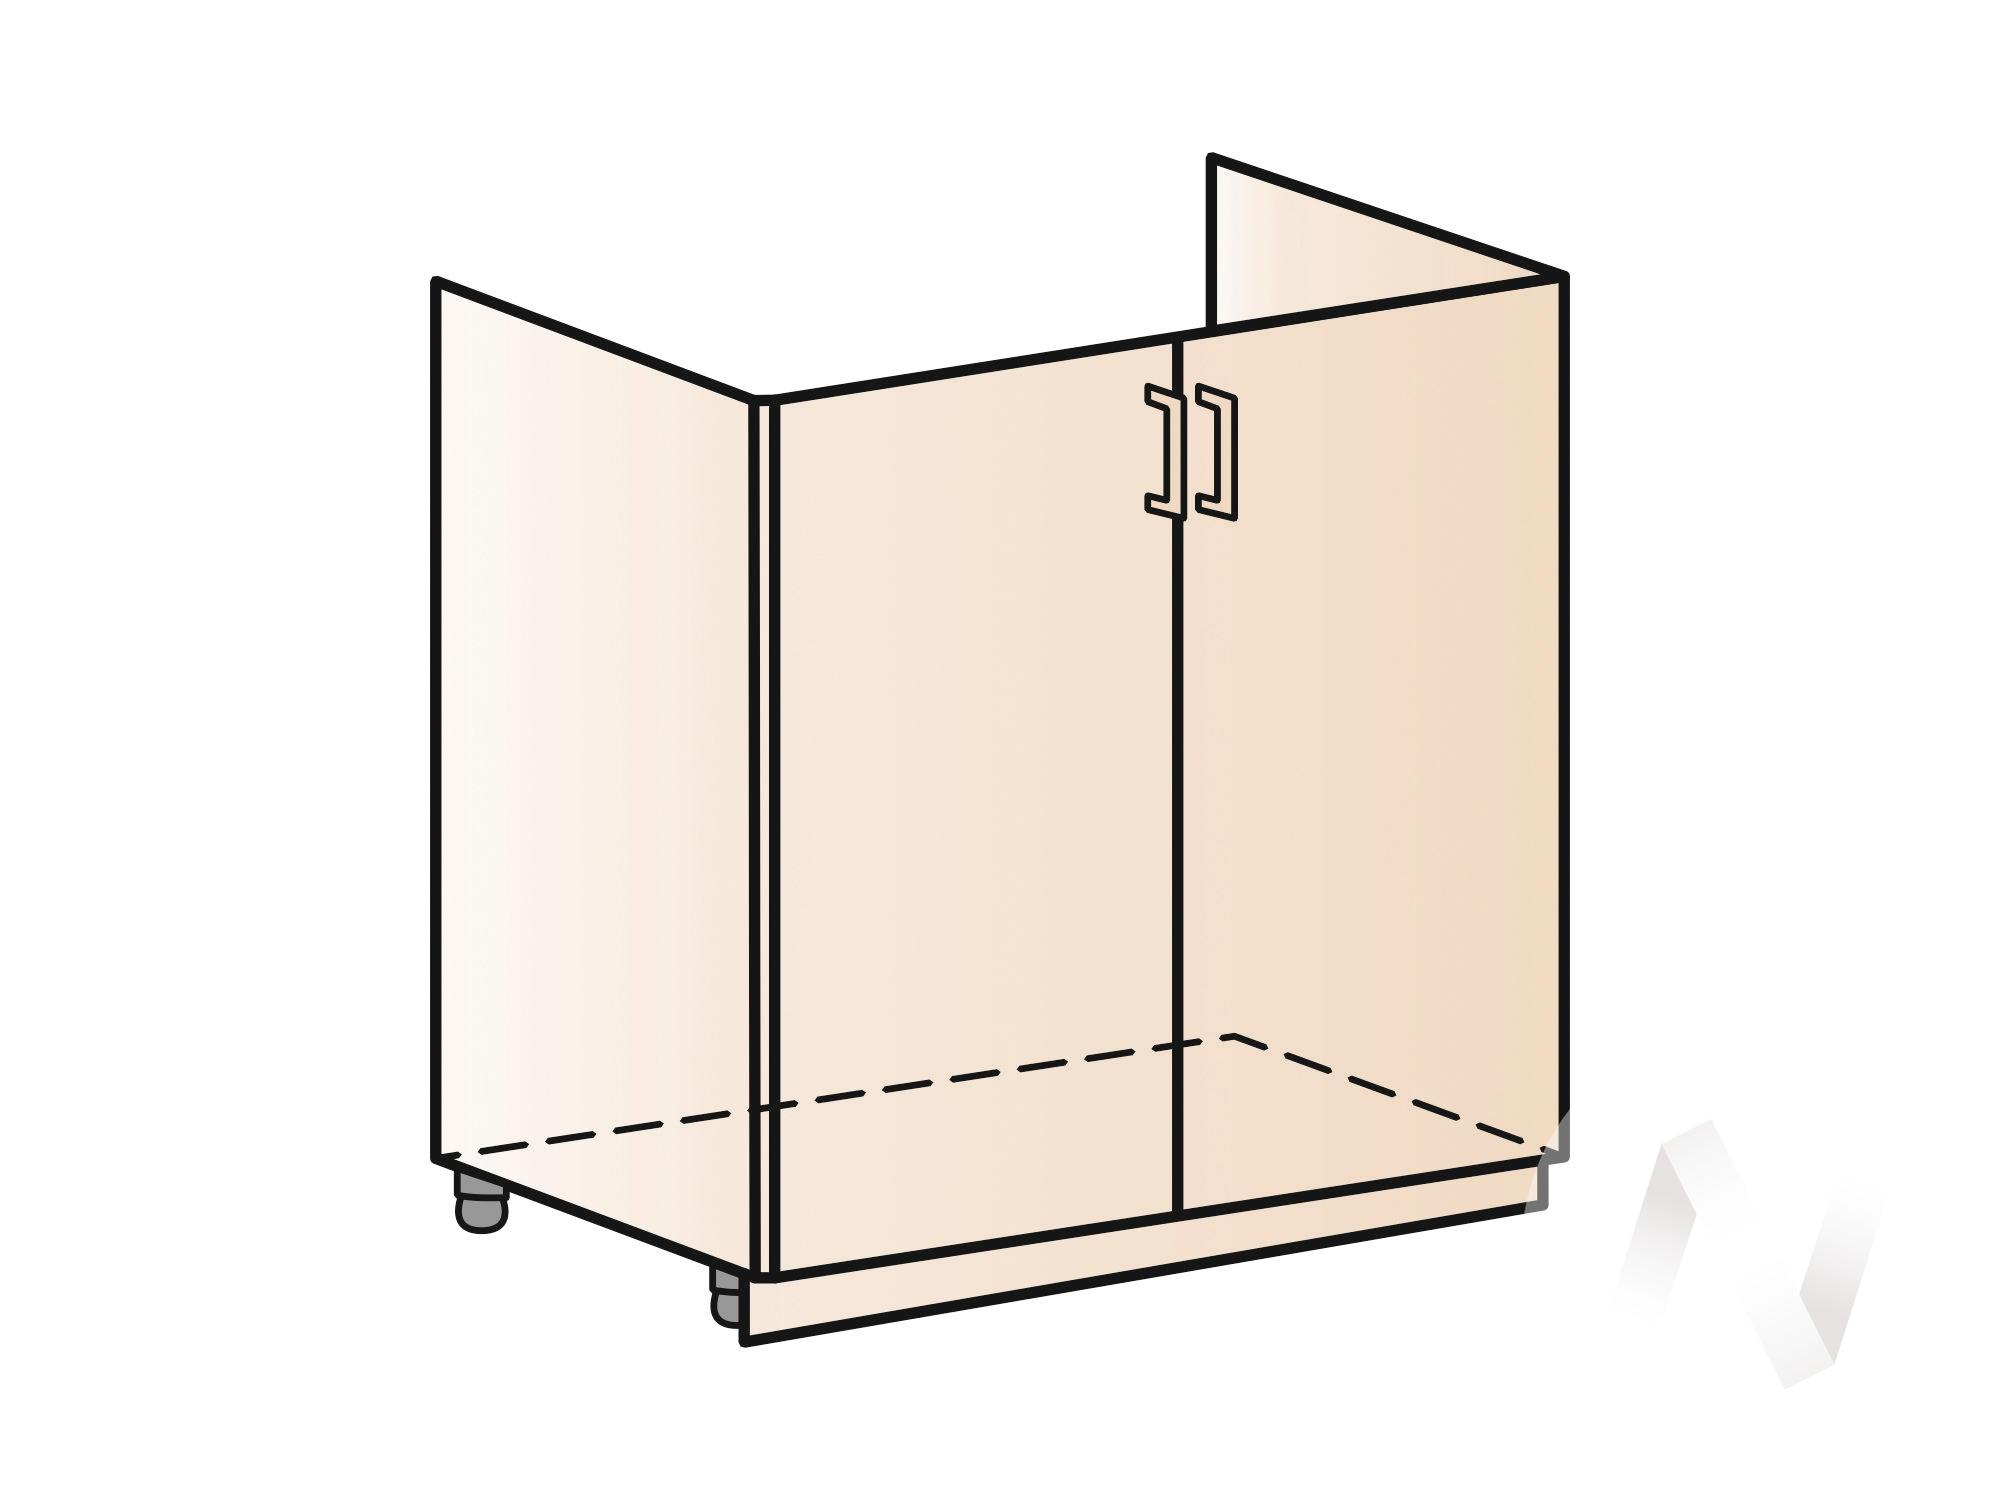 """Кухня """"Вена"""": Шкаф нижний под мойку 800, ШНМ 800 (корпус белый)  в Томске — интернет магазин МИРА-мебель"""